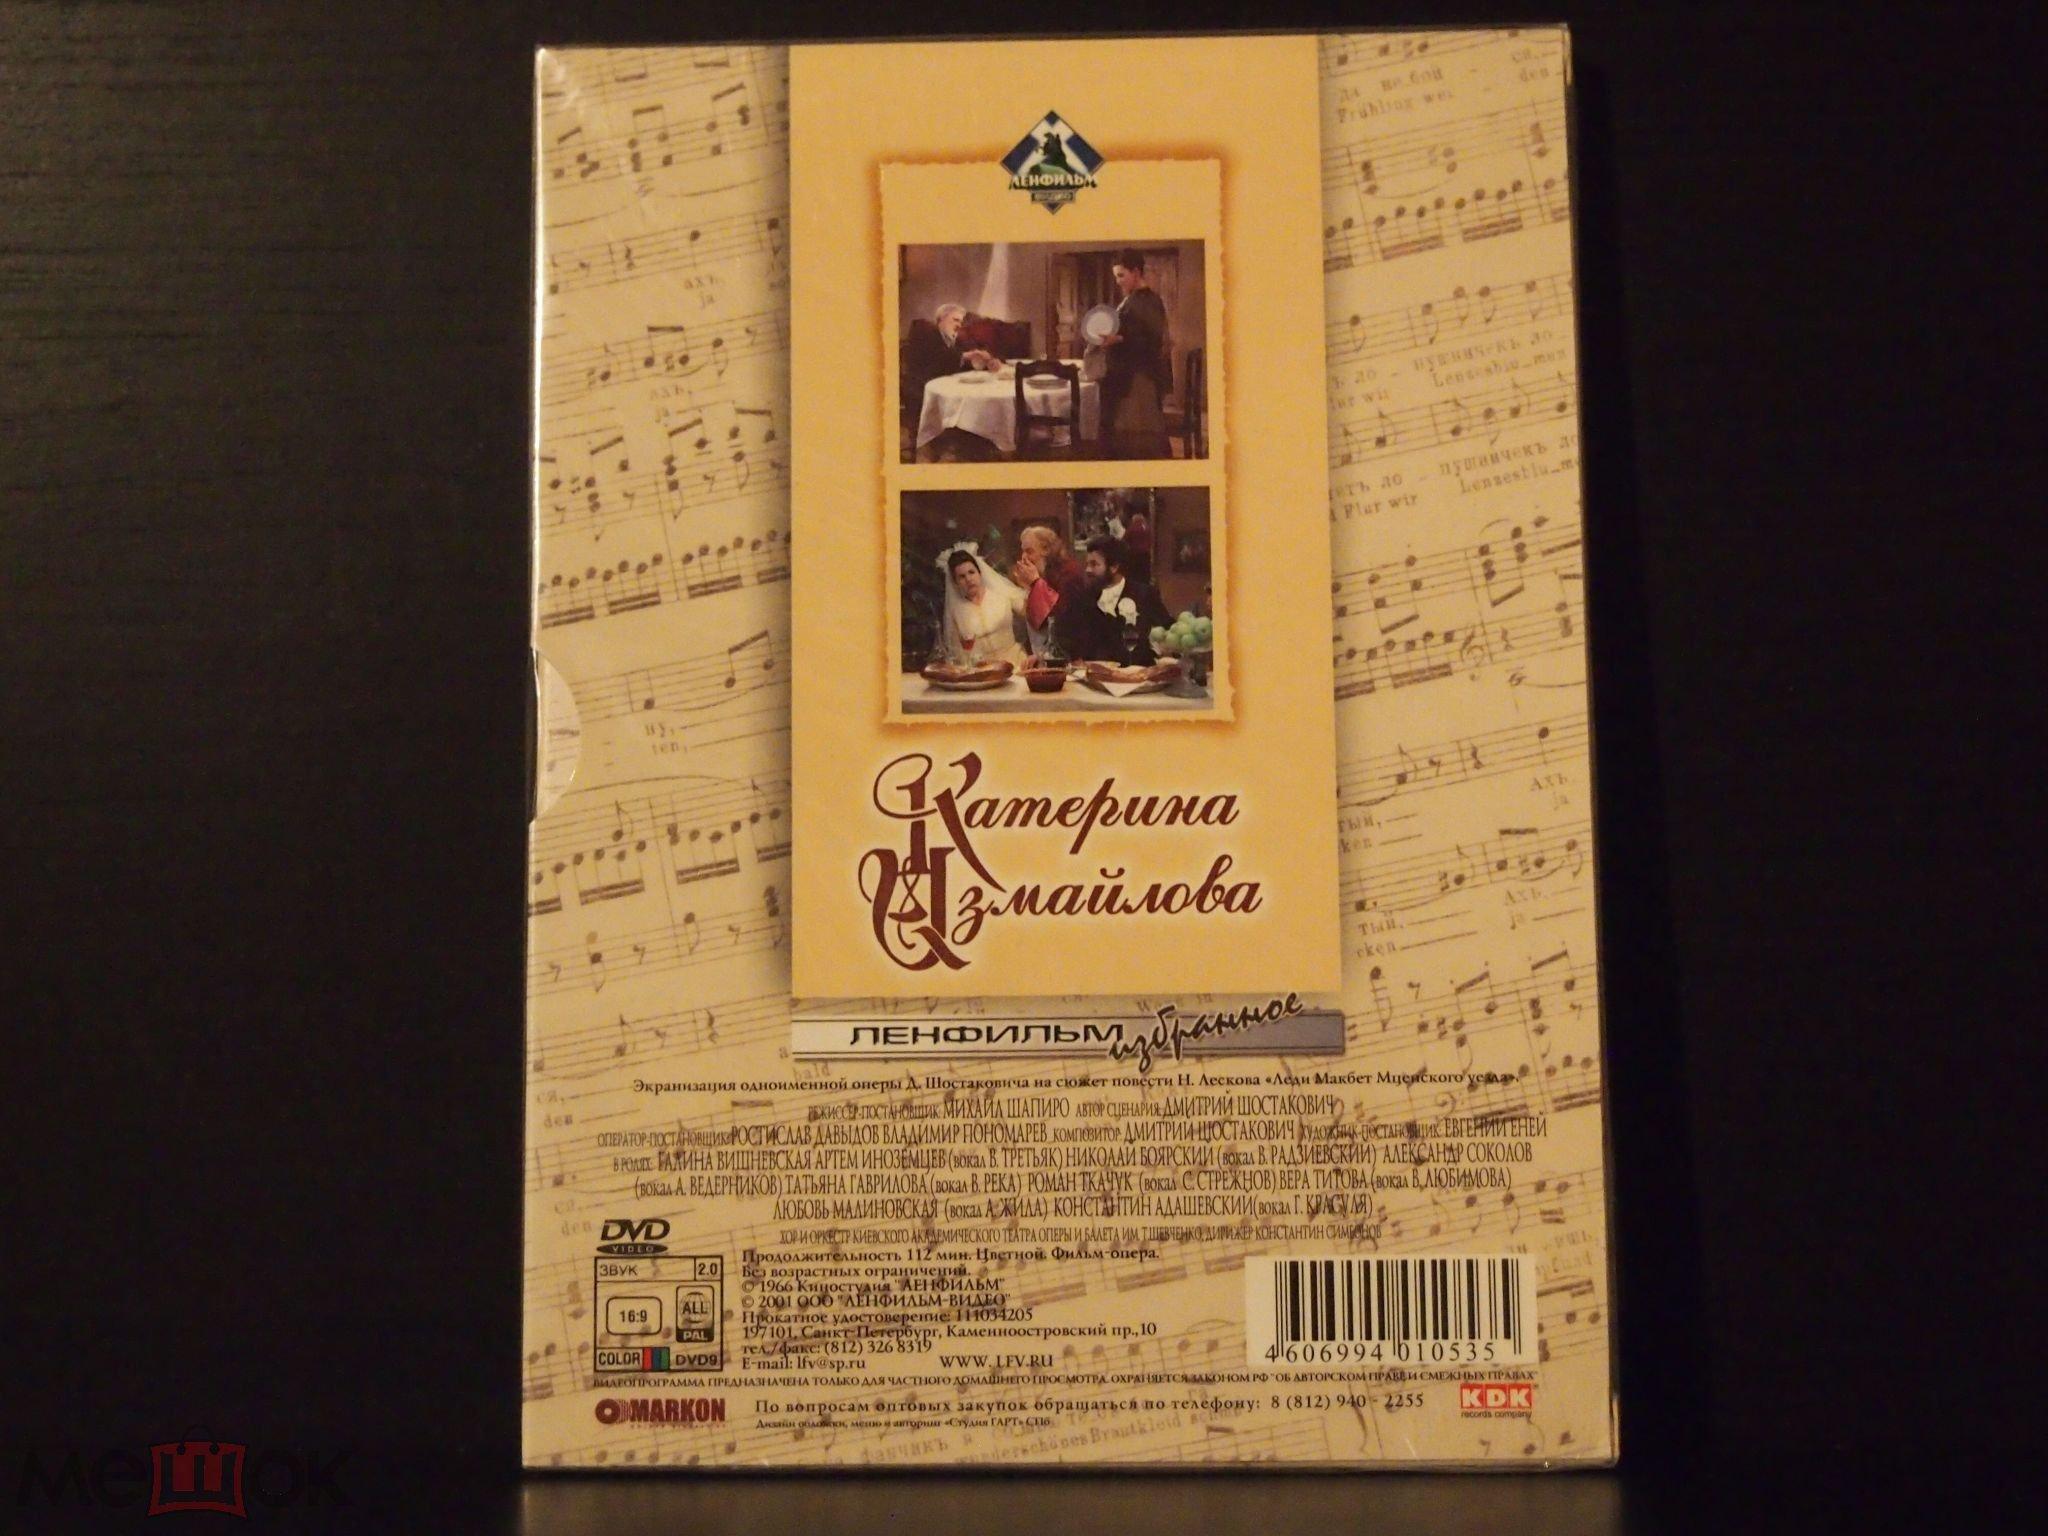 ЕКАТЕРИНА ИЗМАЙЛОВА - лицензия DVD фильм-опера